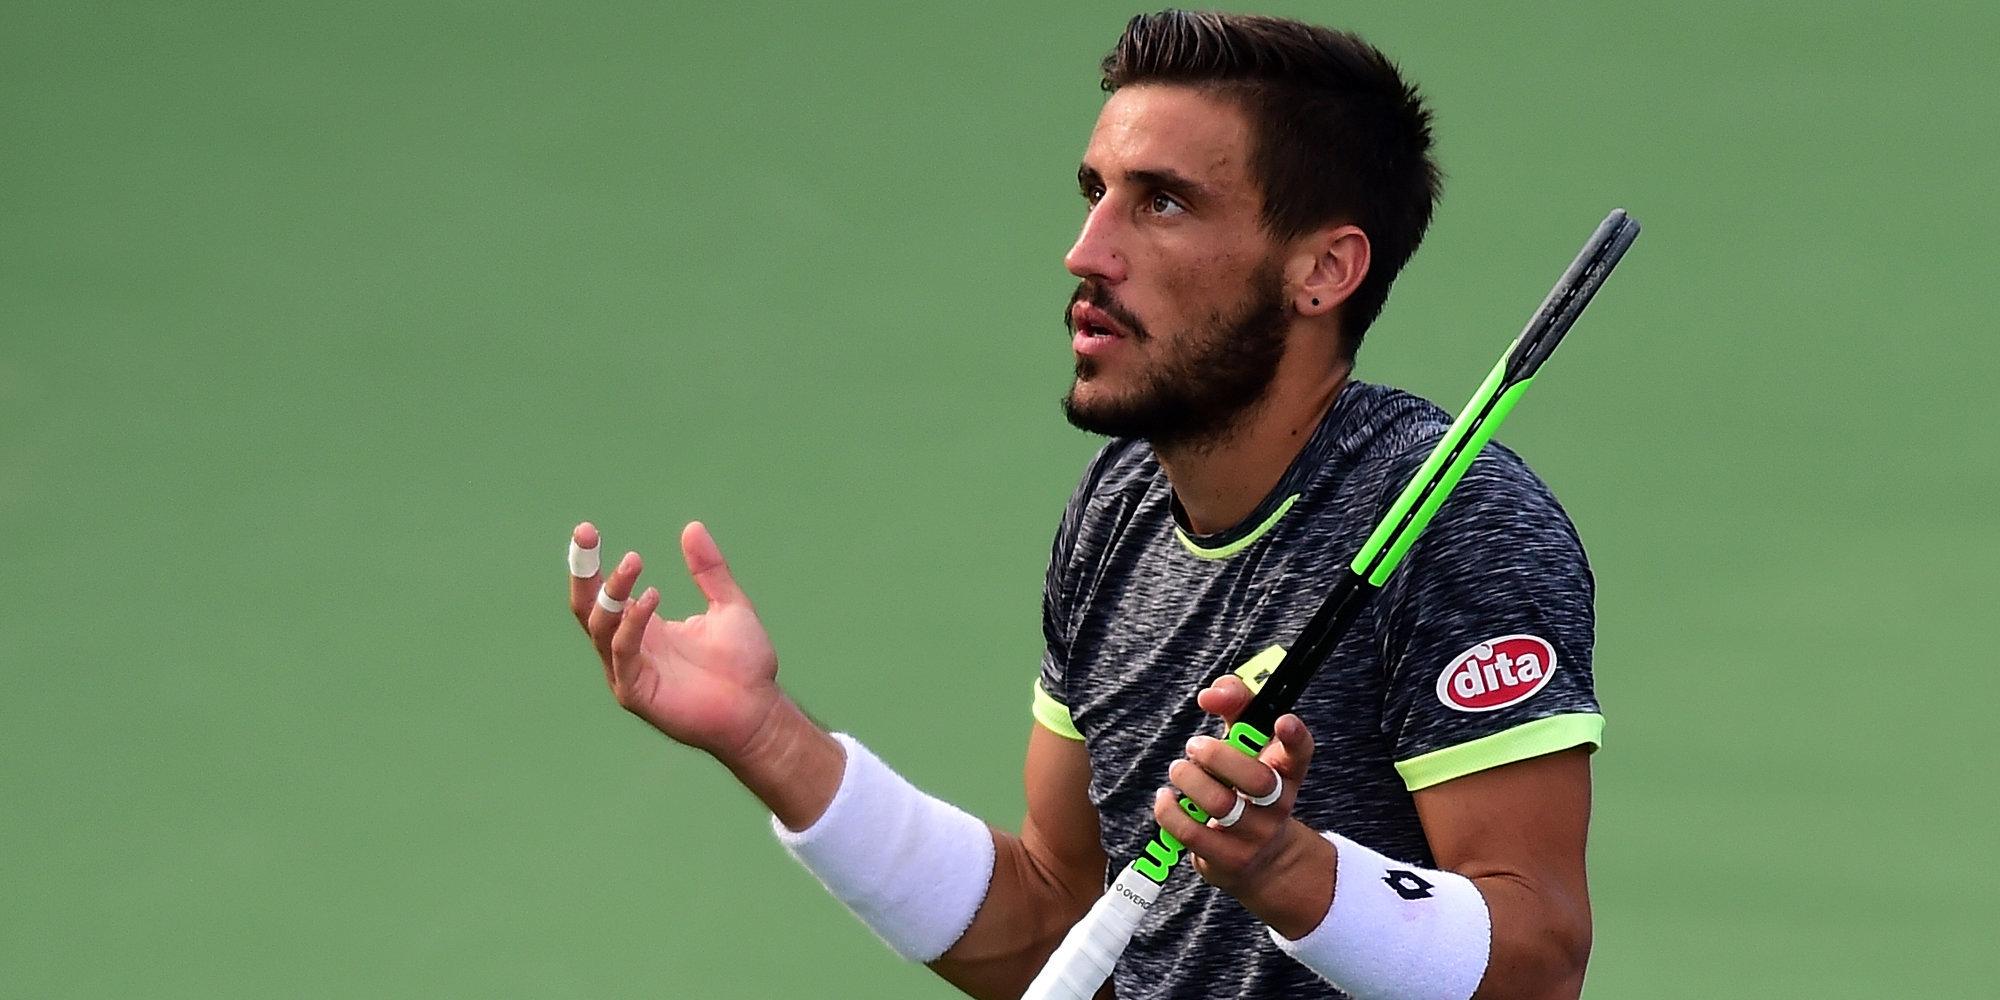 Боснийского теннисиста дисквалифицировали из-за угрозы убийством судье